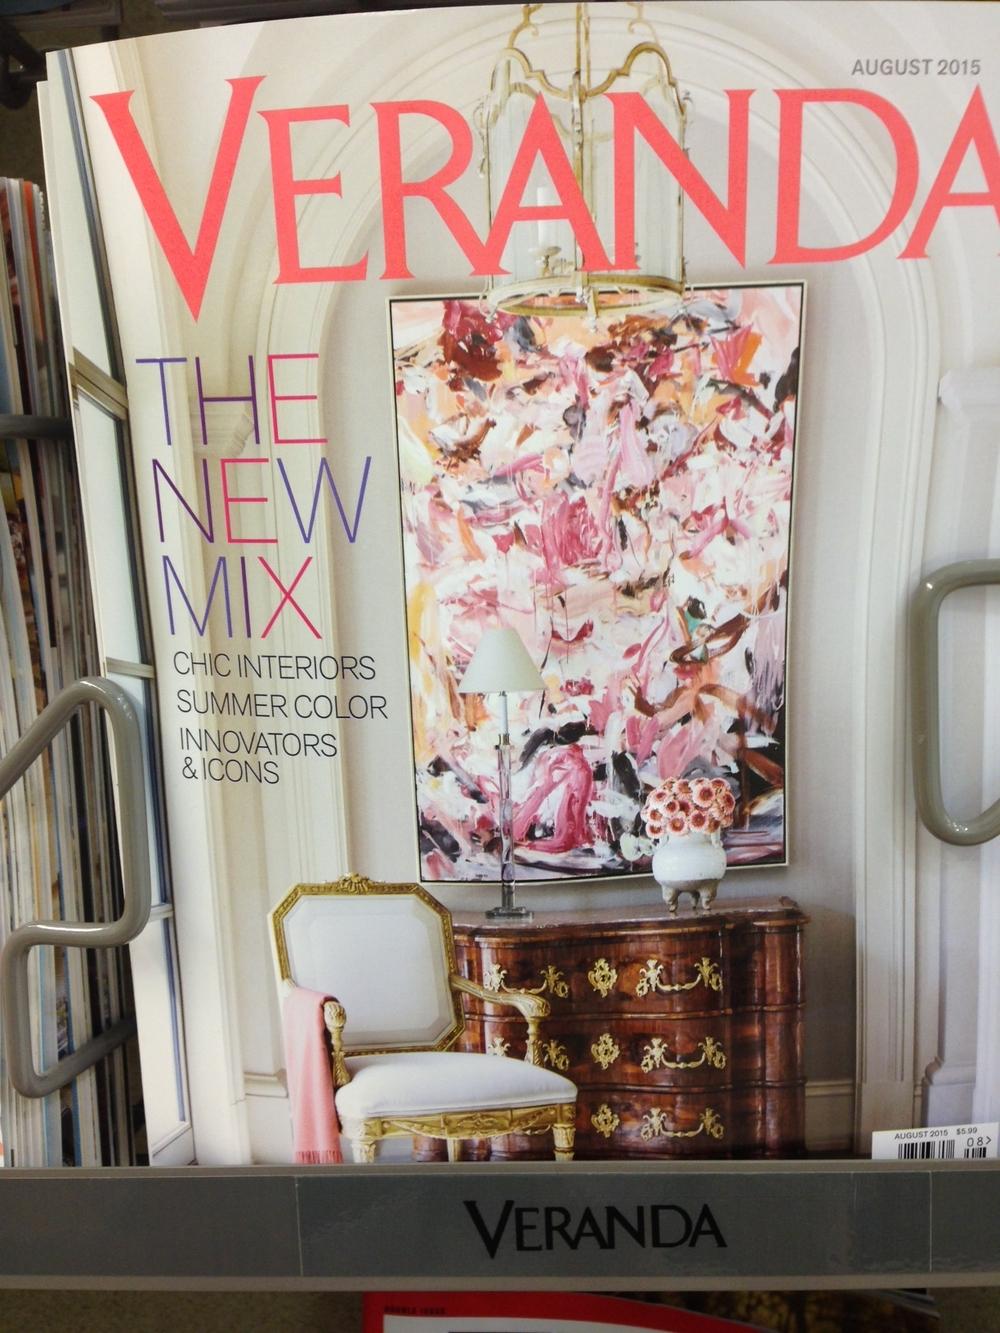 veranda magazine.JPG